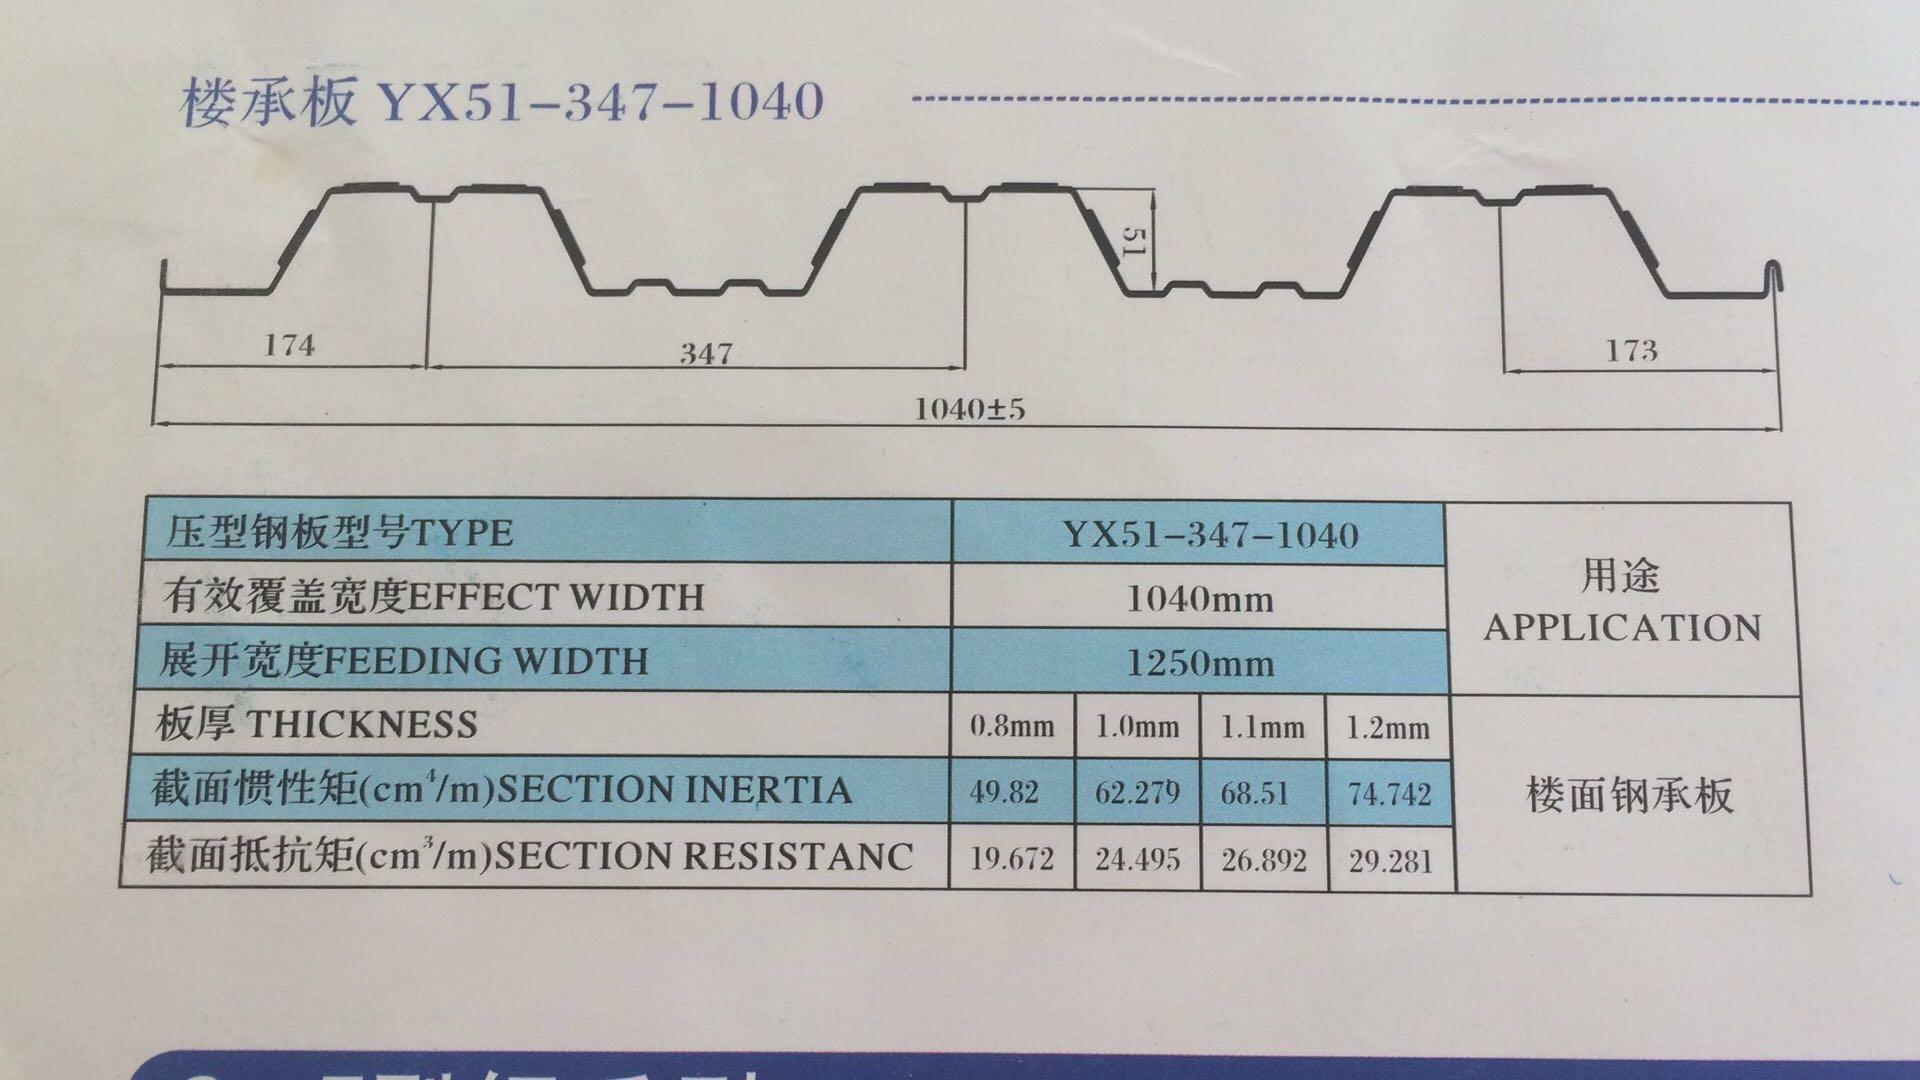 YX51一347一1040型